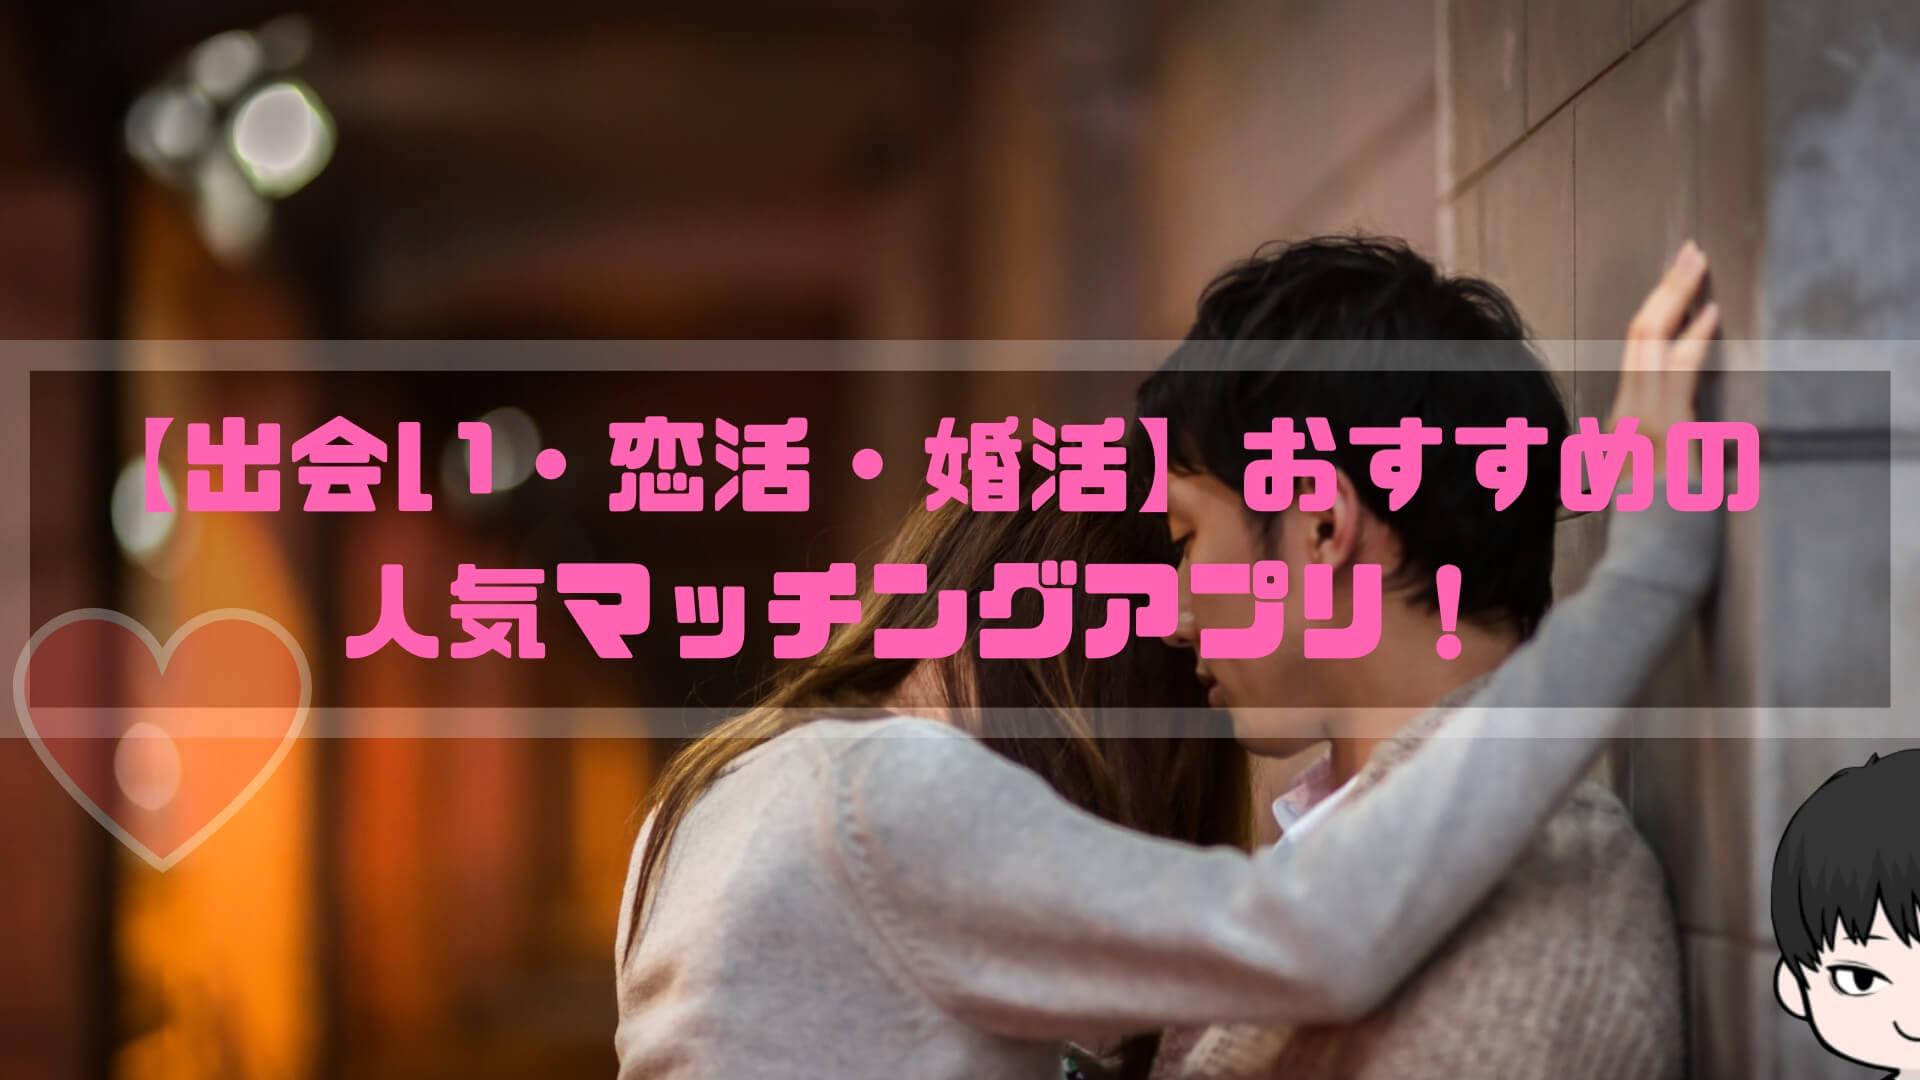 【出会い・恋活・婚活】おすすめの人気マッチングアプリ